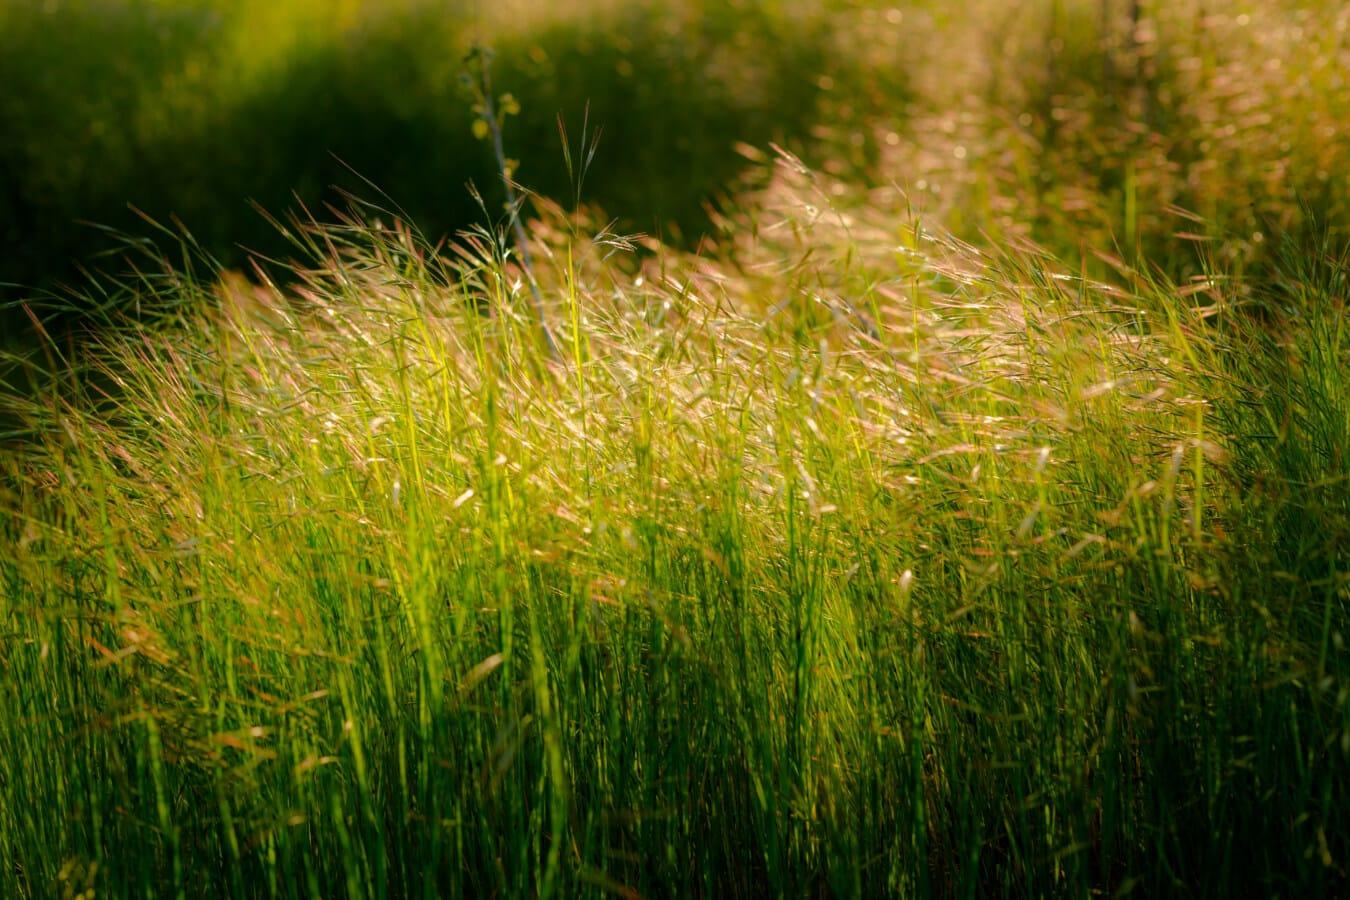 graminées, herbeux, printemps, brillant, lumière du soleil, plante, printemps, herbe, pelouse, aube